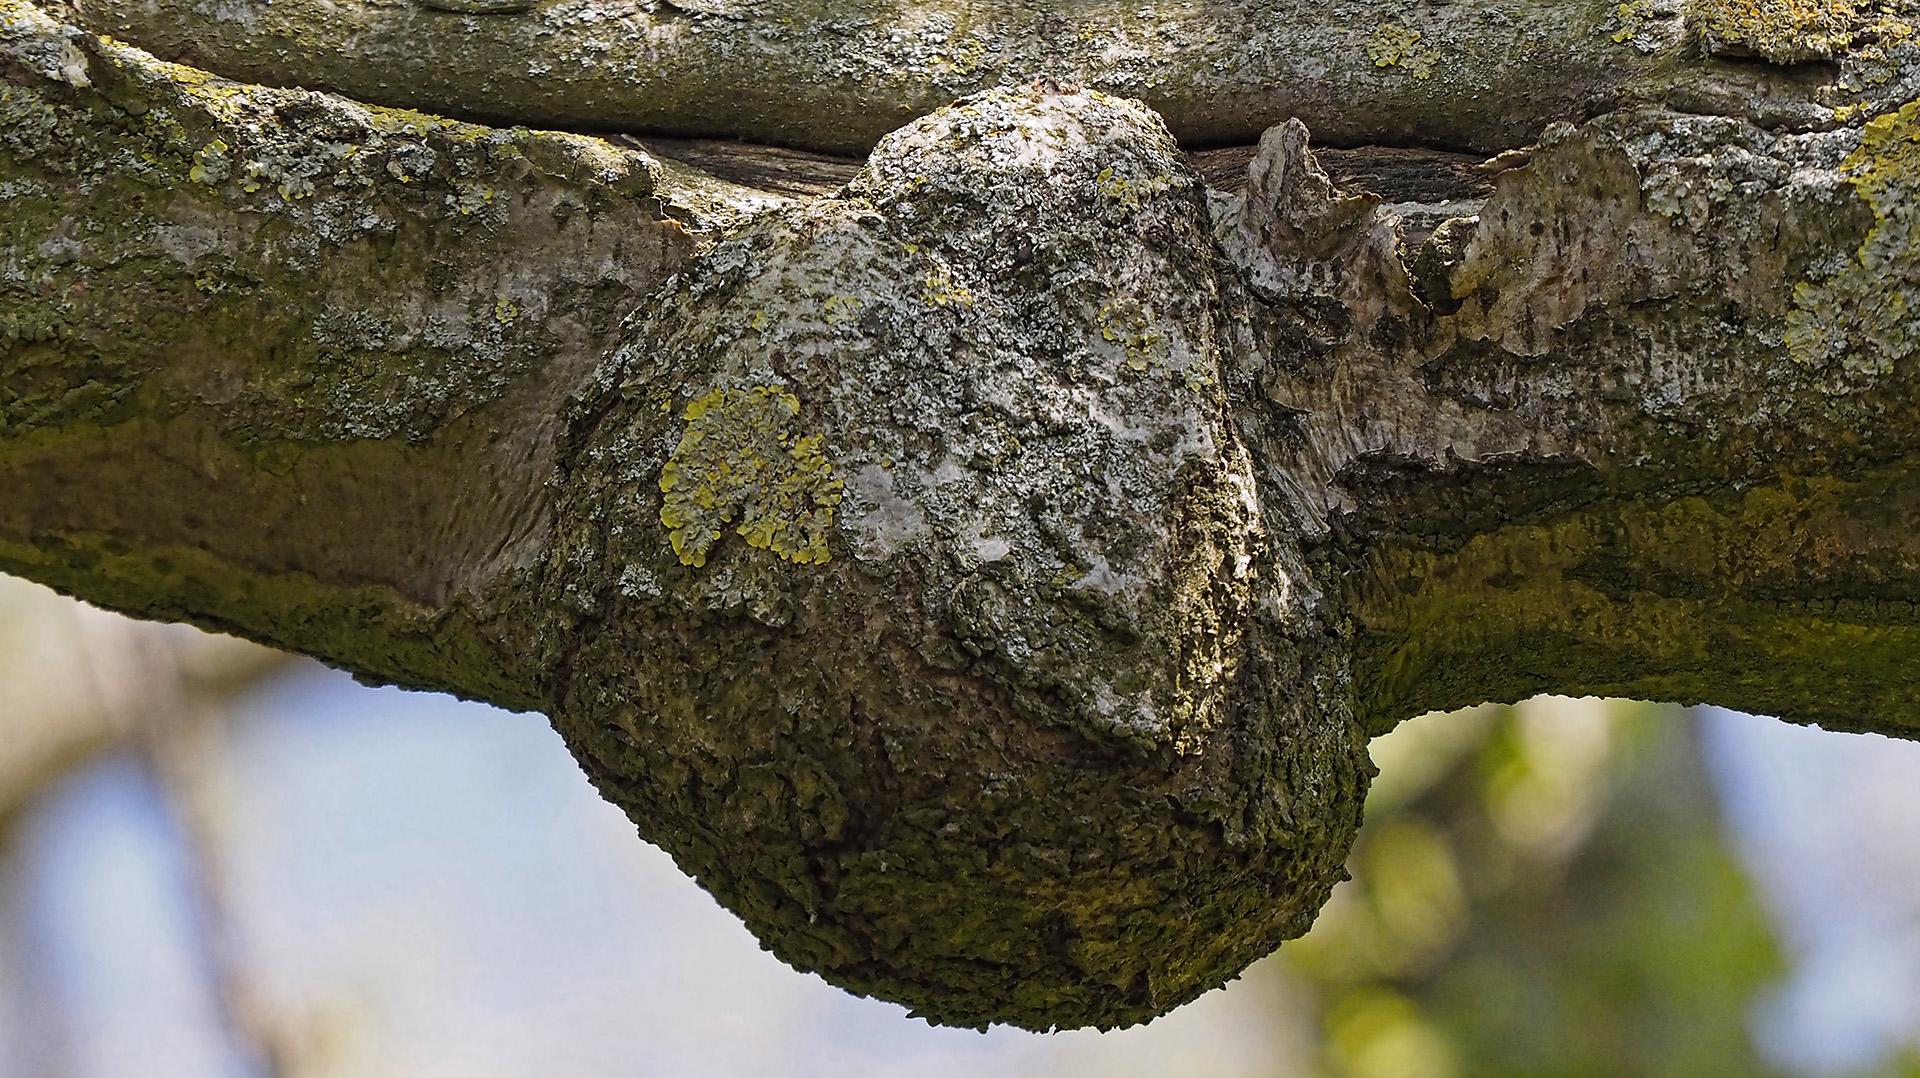 Seltsame Wucherung (Maserknolle) an einem Ast (Detail mit Flechten)